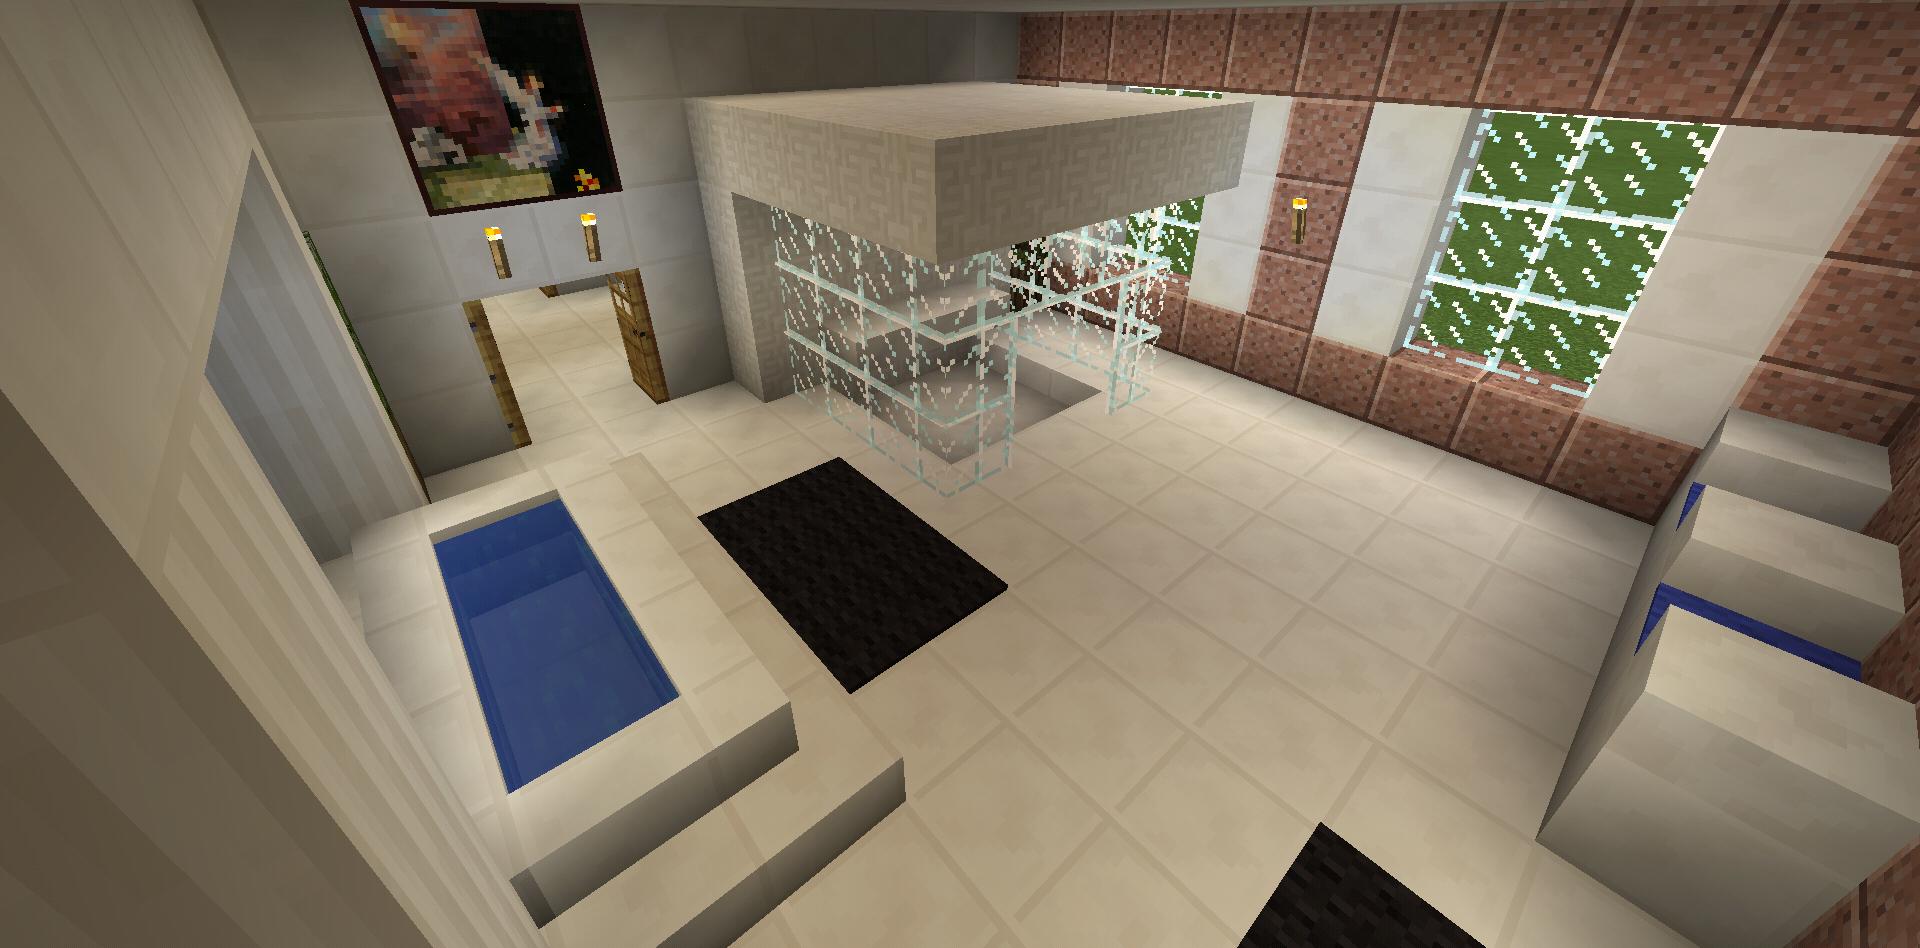 Minecraft Bathroom Glass Shower Garden Tub Sink | Master ...